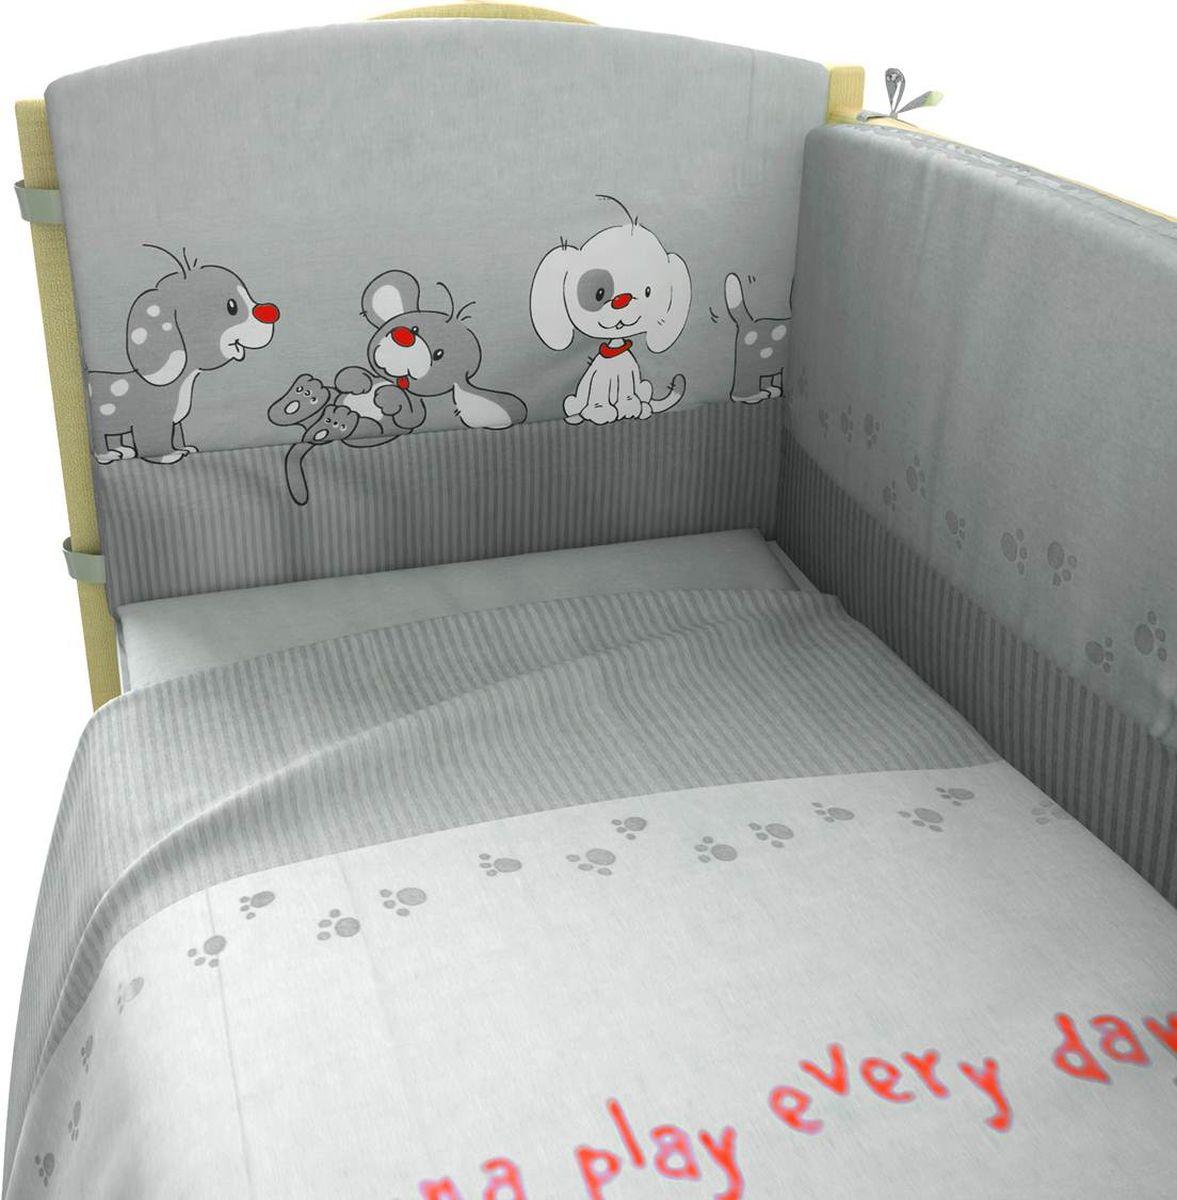 Фея Комплект белья для новорожденных Веселая игра цвет серый 6 предметов100-49000000-60В комплект входят: Борт: 42 х 49 х 180 см Подушка: 40 х 60 смОдеяло: 110 х 140 смНаволочка: 40 х 60 смПростыня на резинке на матрац (120 х 60 см)Пододеяльник: 110 х 140 см